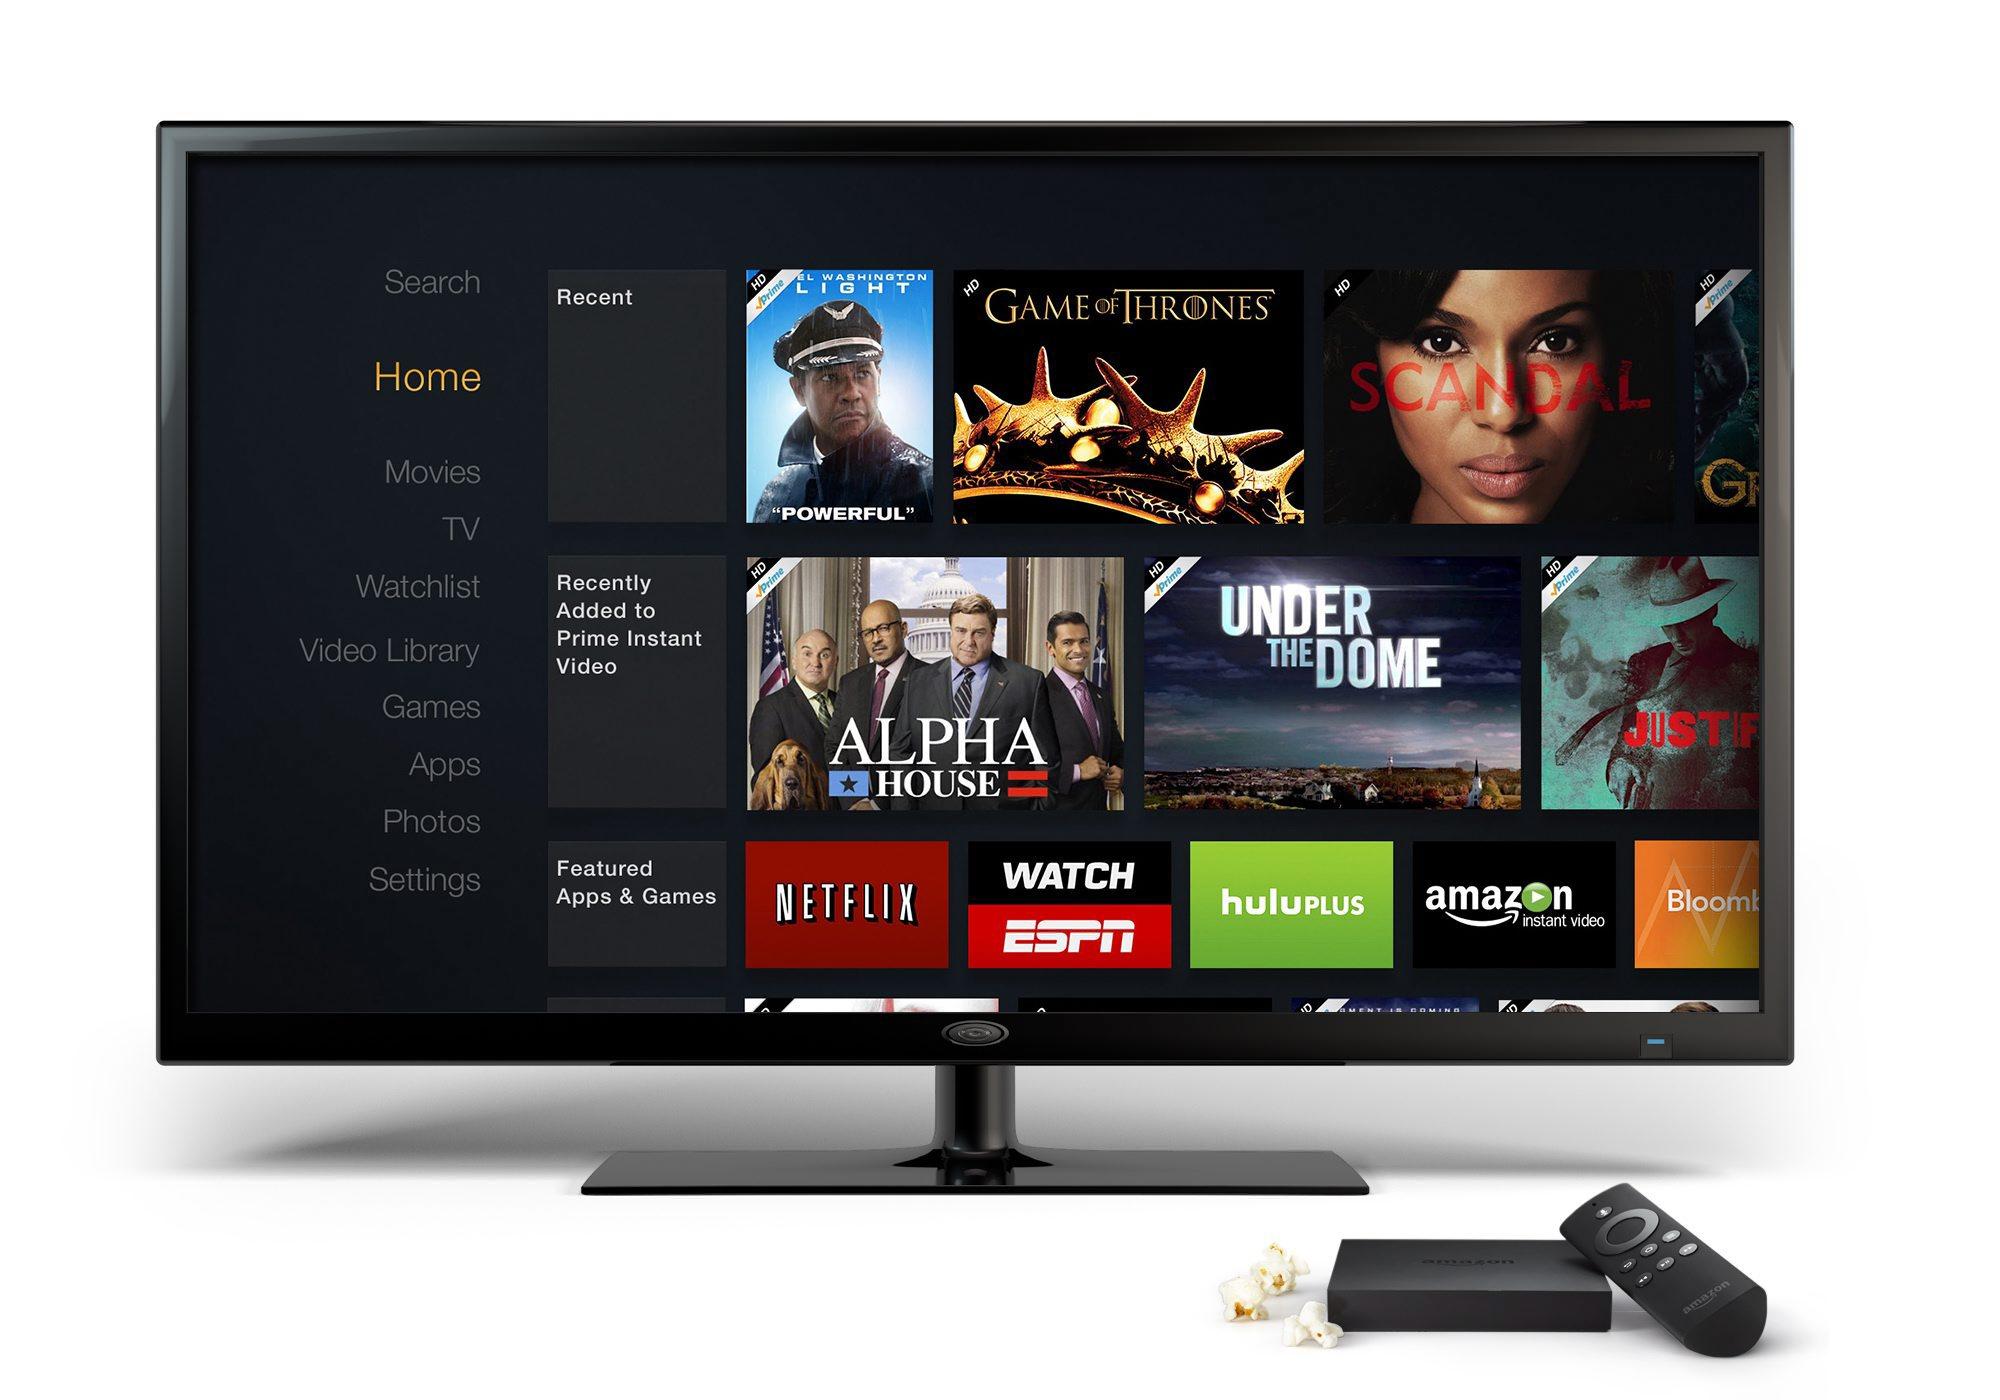 Versnippering aanbod maakt tv-kijken consument moeilijker en duurder